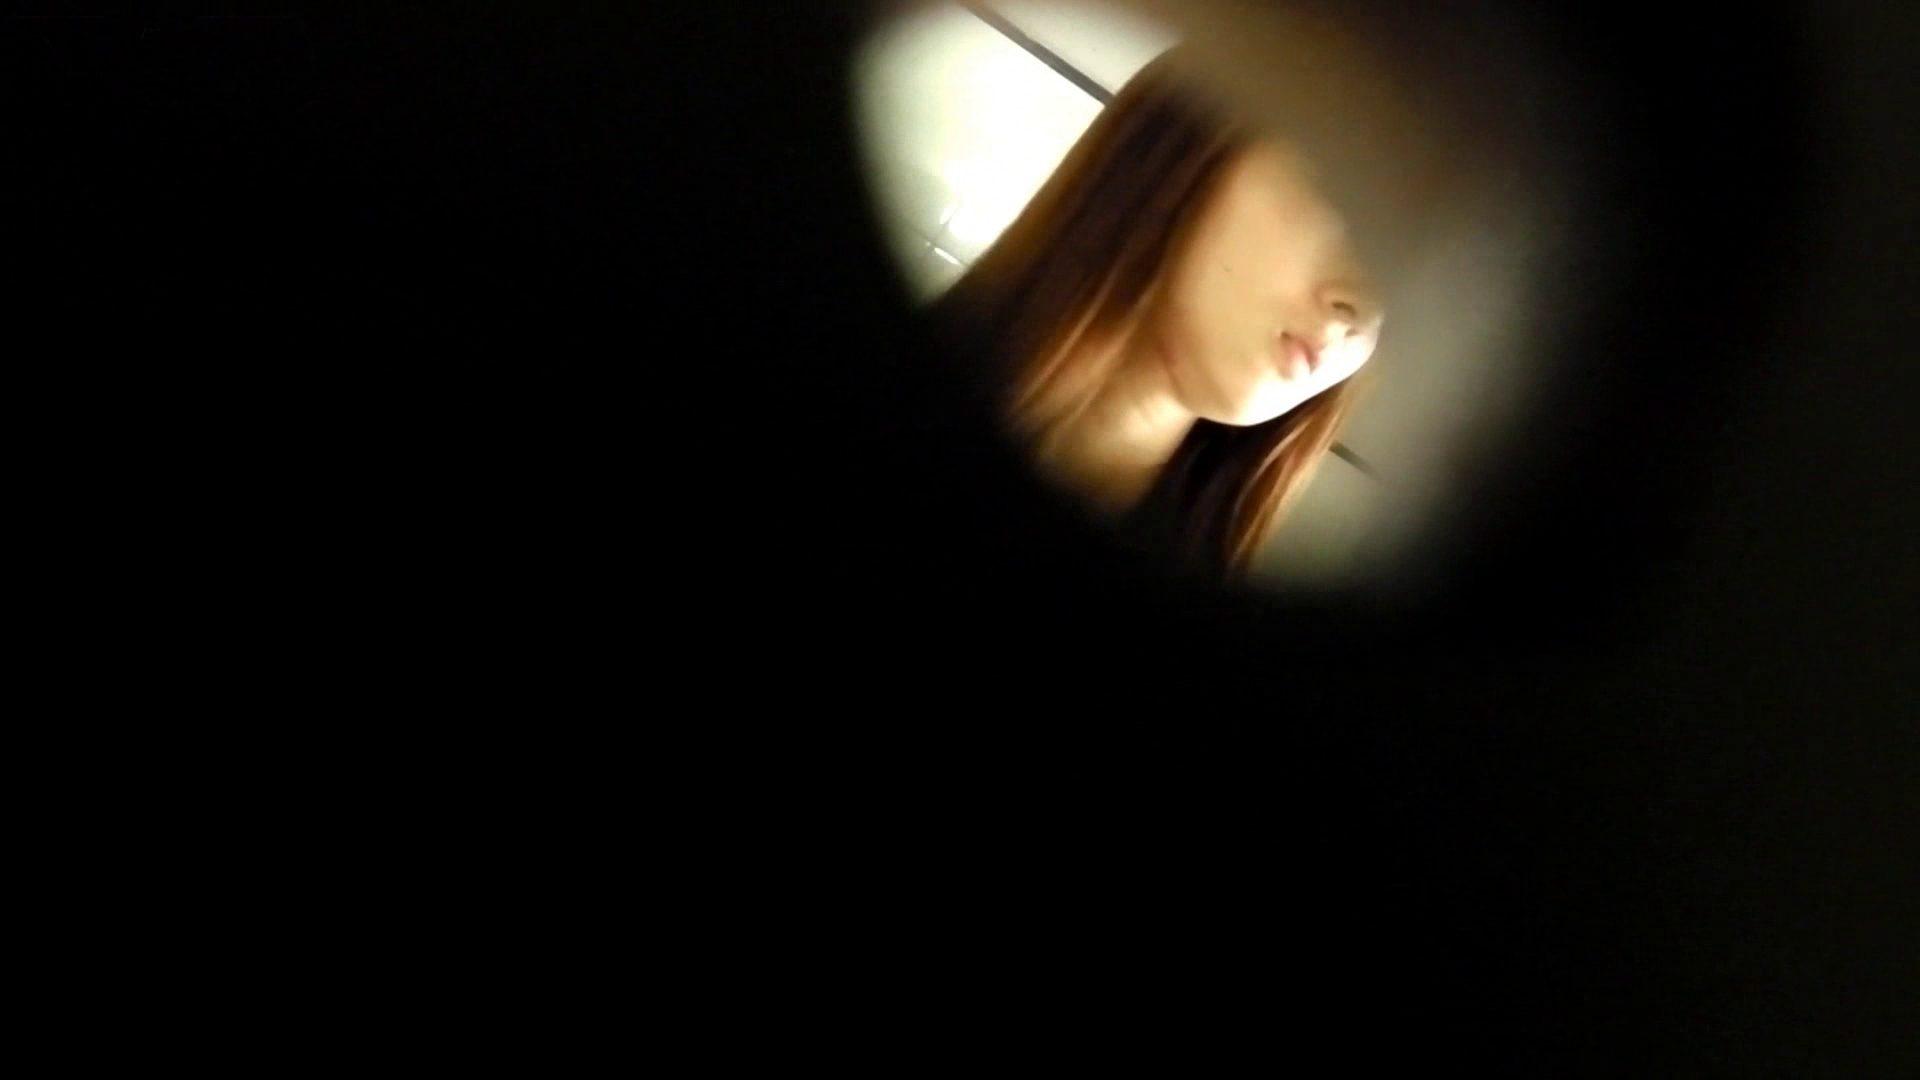 ステーション編 vol.28 無料動画に登場したモデルつい本番登場!! 丸見え  91PIX 59